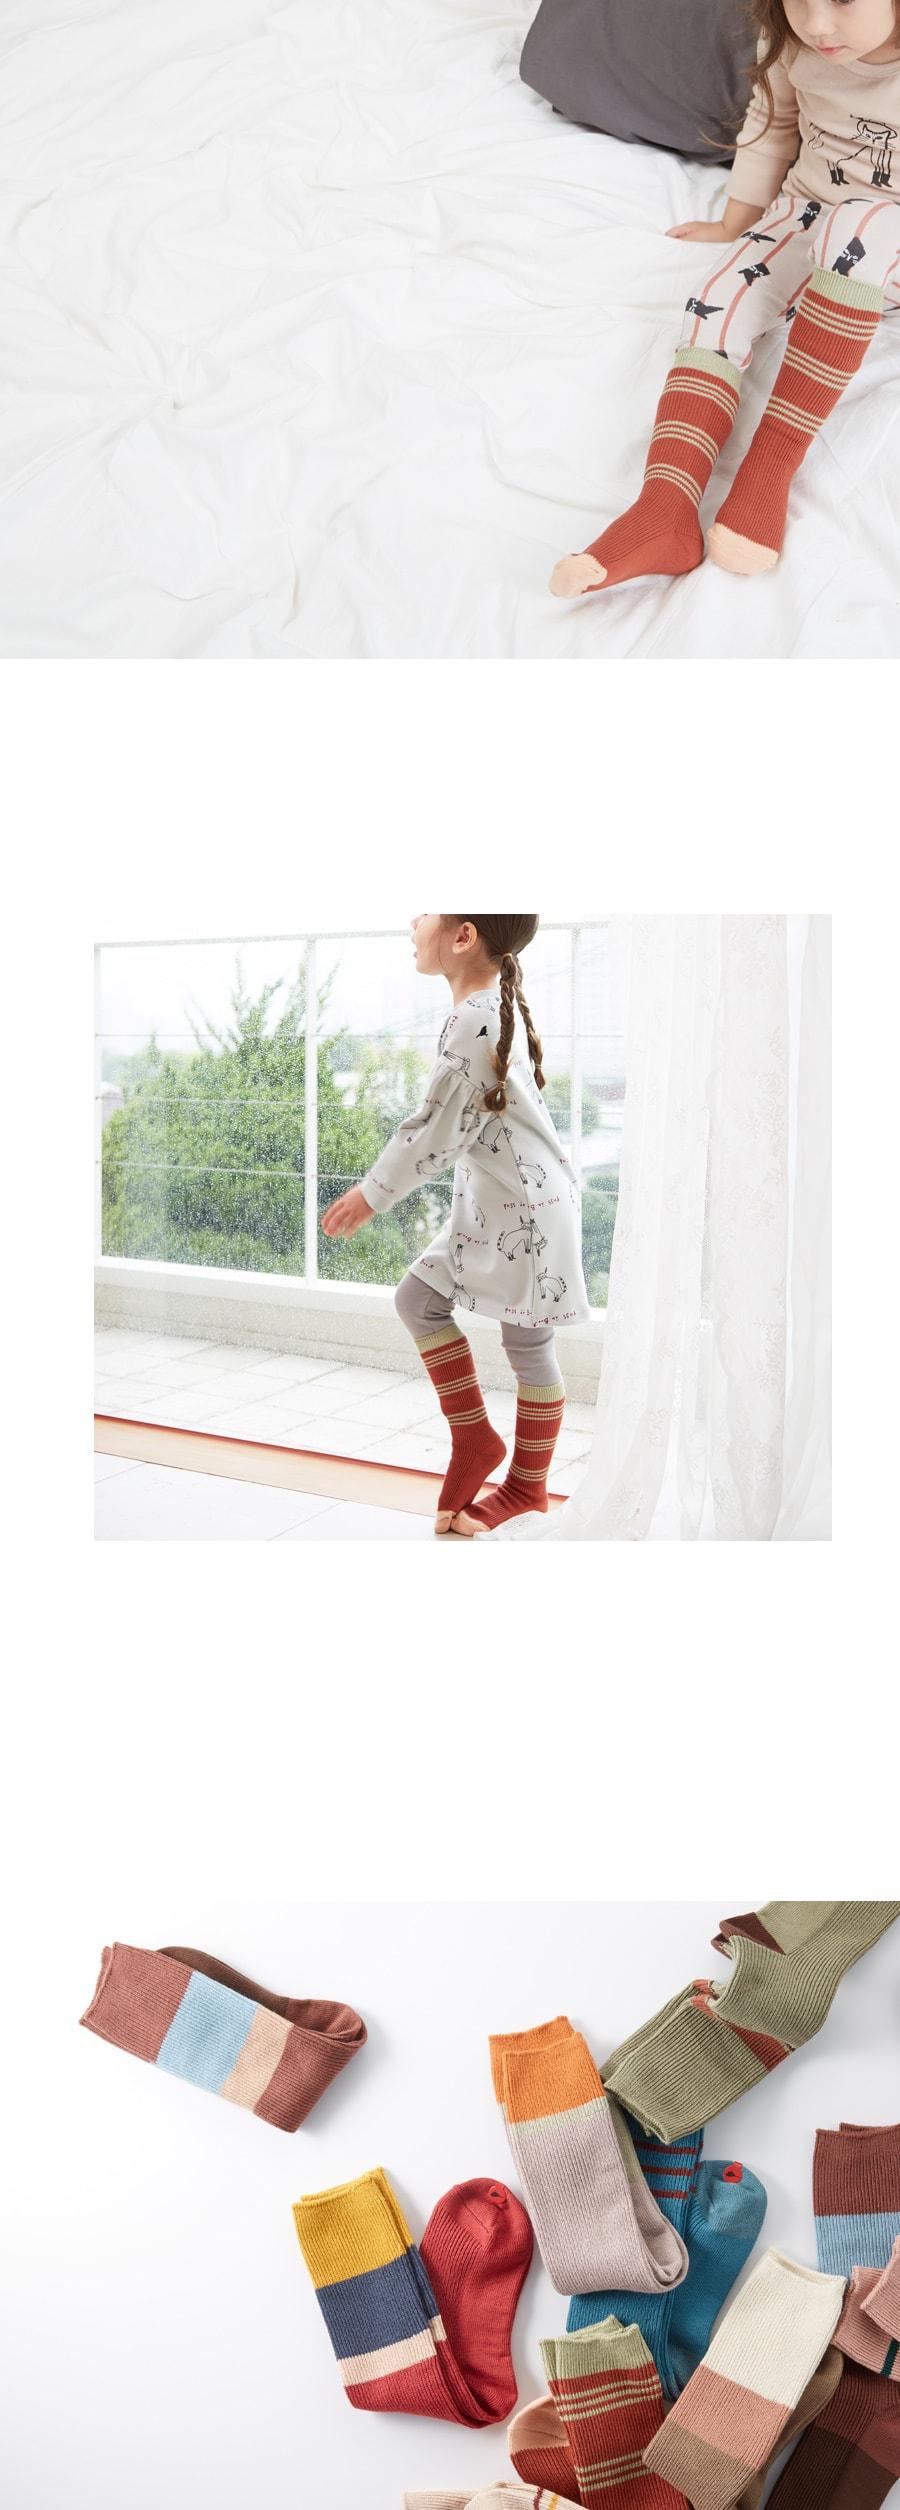 KOKACHARM - Korean Children Fashion - #Kfashion4kids - Red Panda Socks - 3